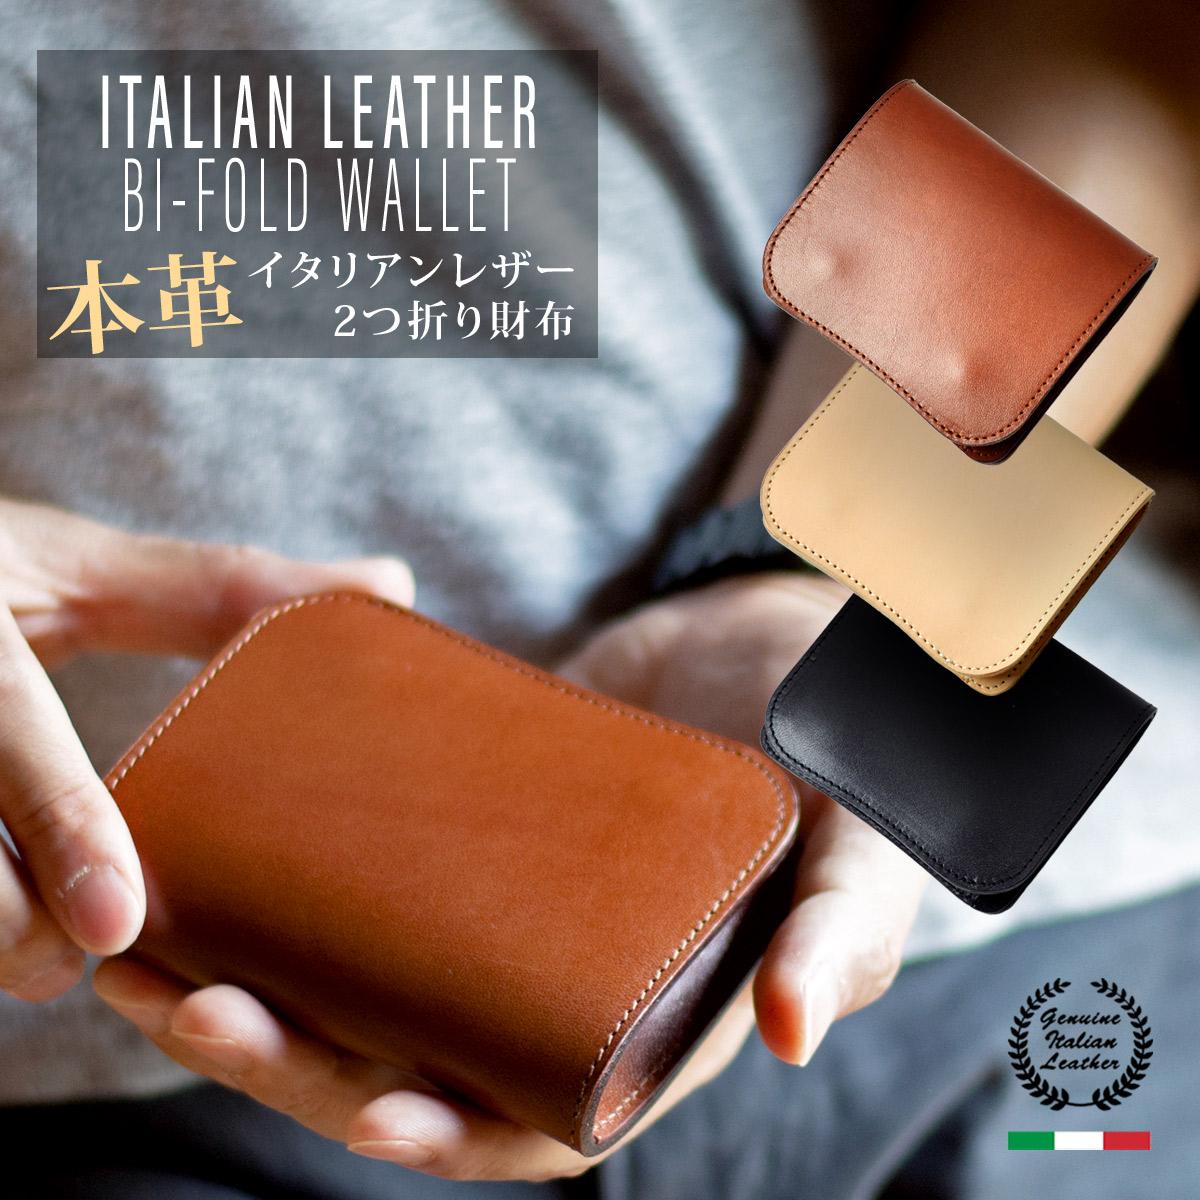 イタリアンエイジングミニ財布